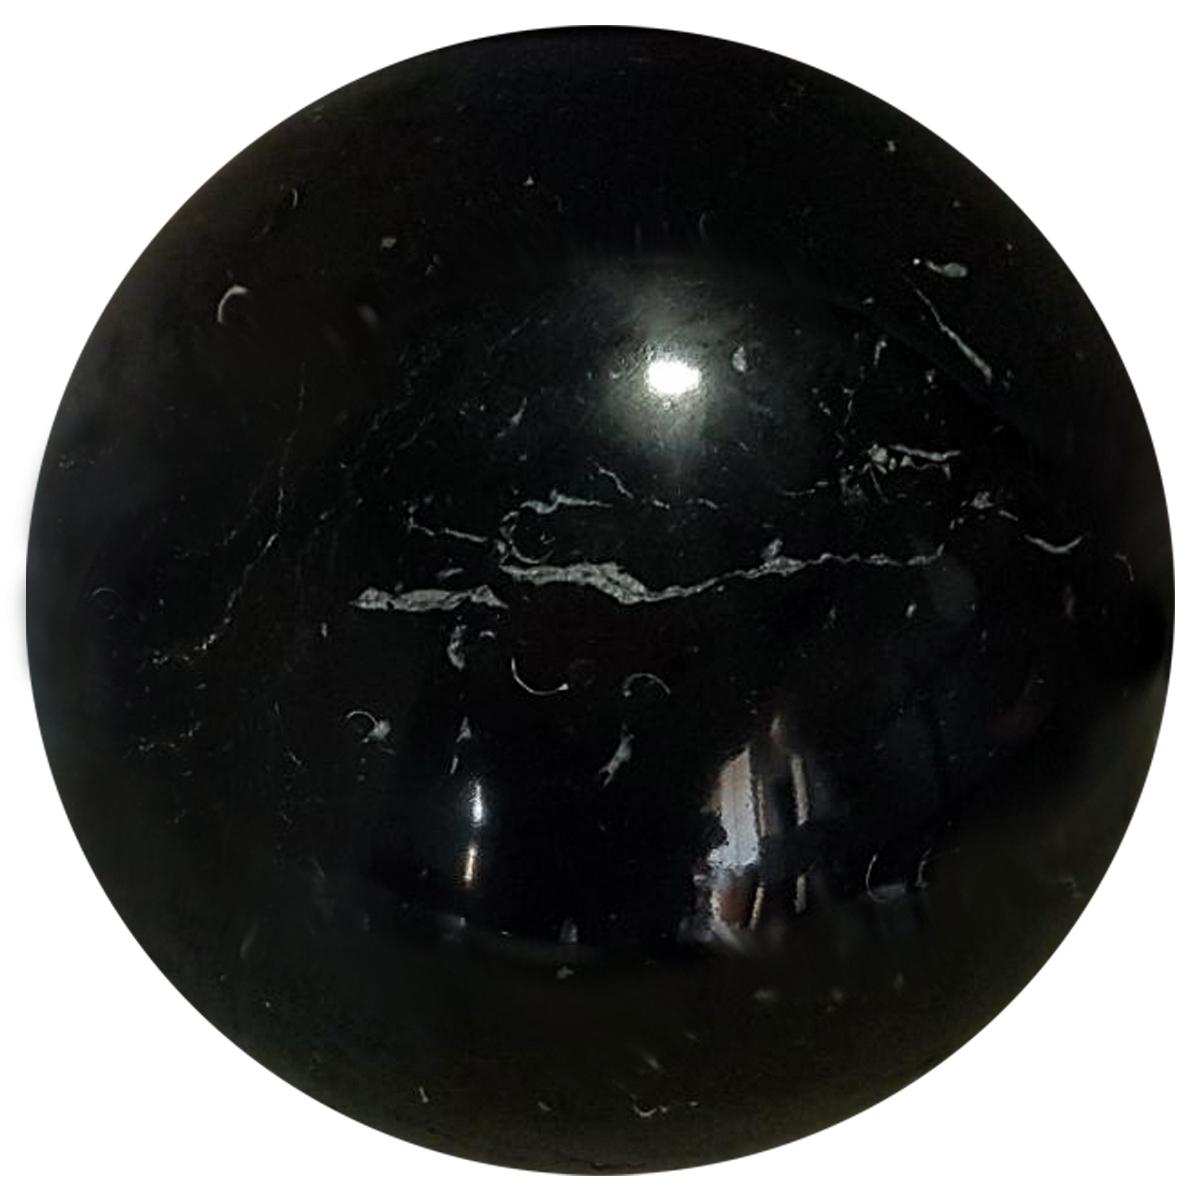 Nero D Africa Marmo sfera in marmo nero marquina by petram | italie